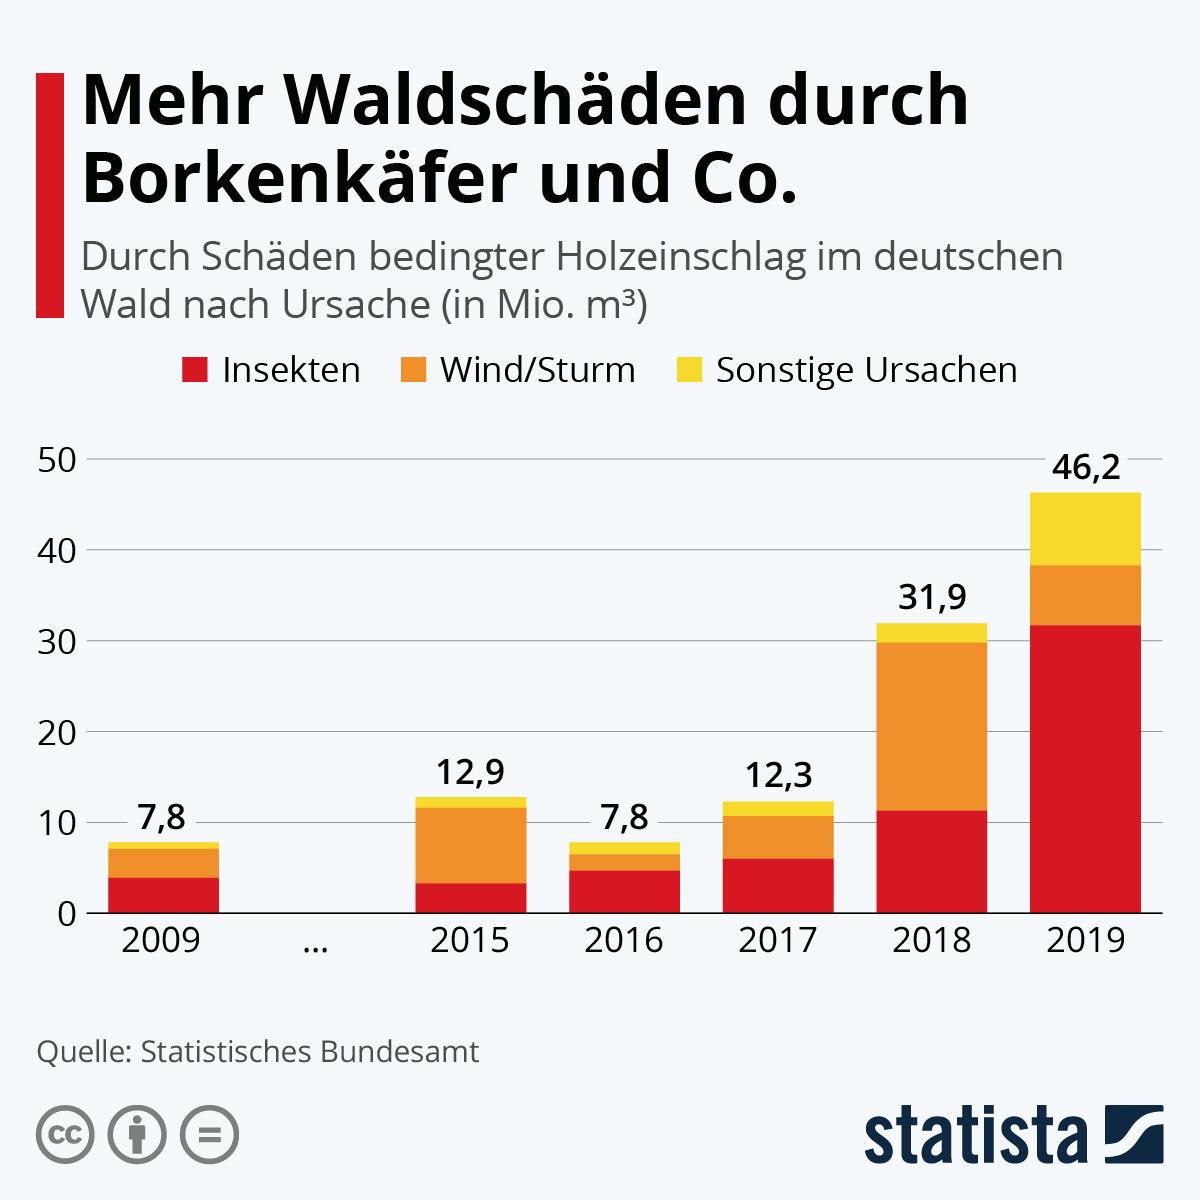 Infografik: Mehr Waldschäden durch Borkenkäfer und Co. | Statista